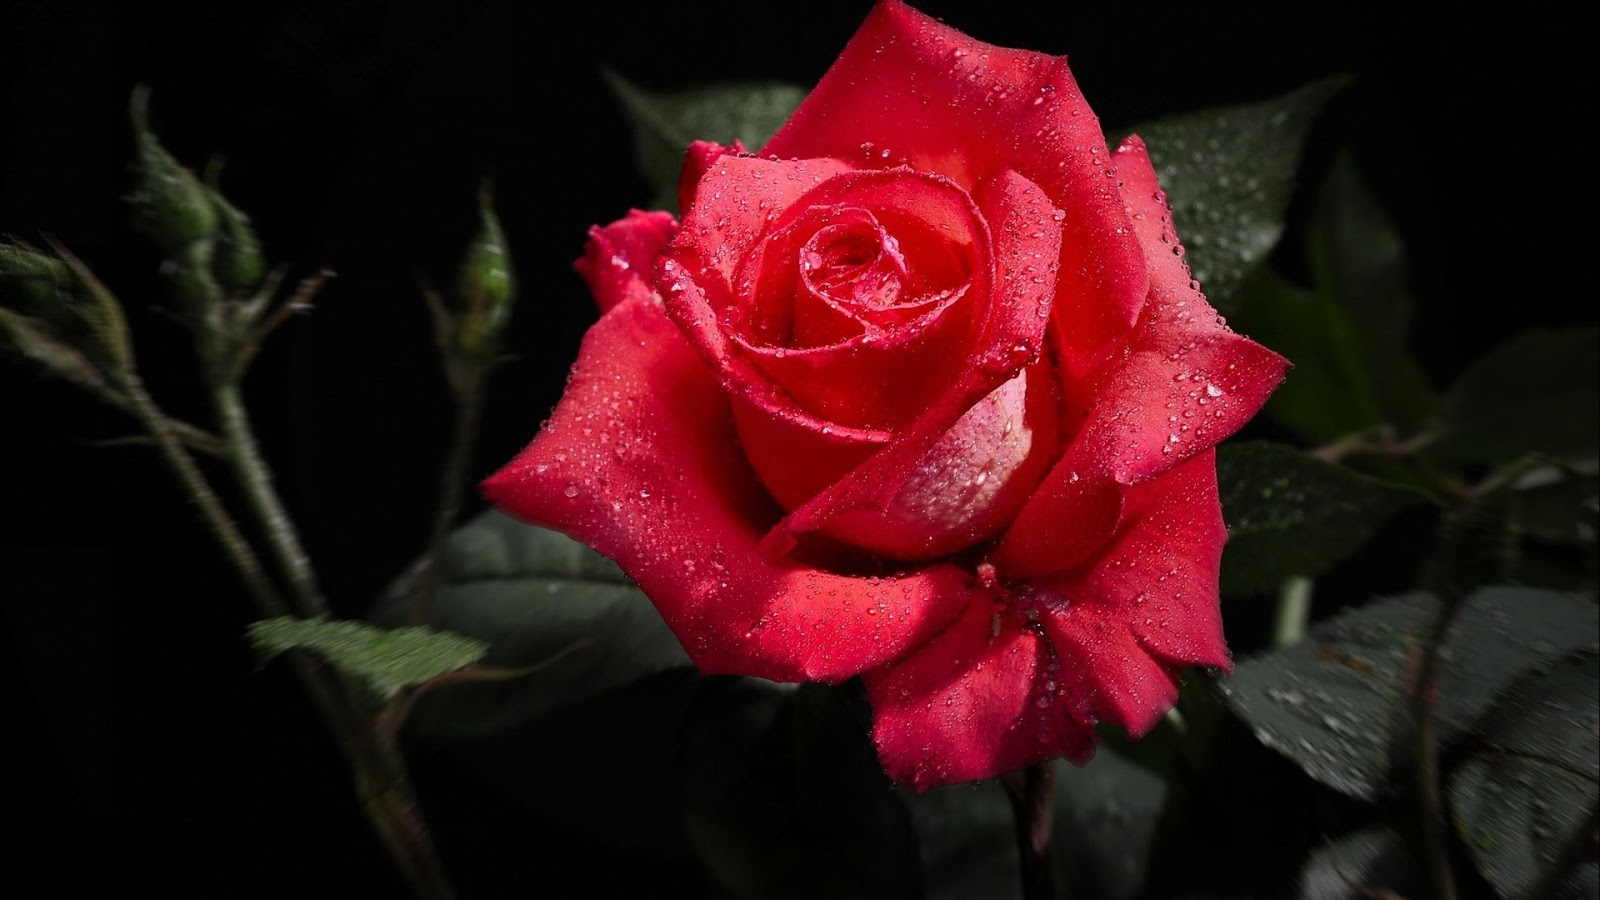 Rose Flower Images Download